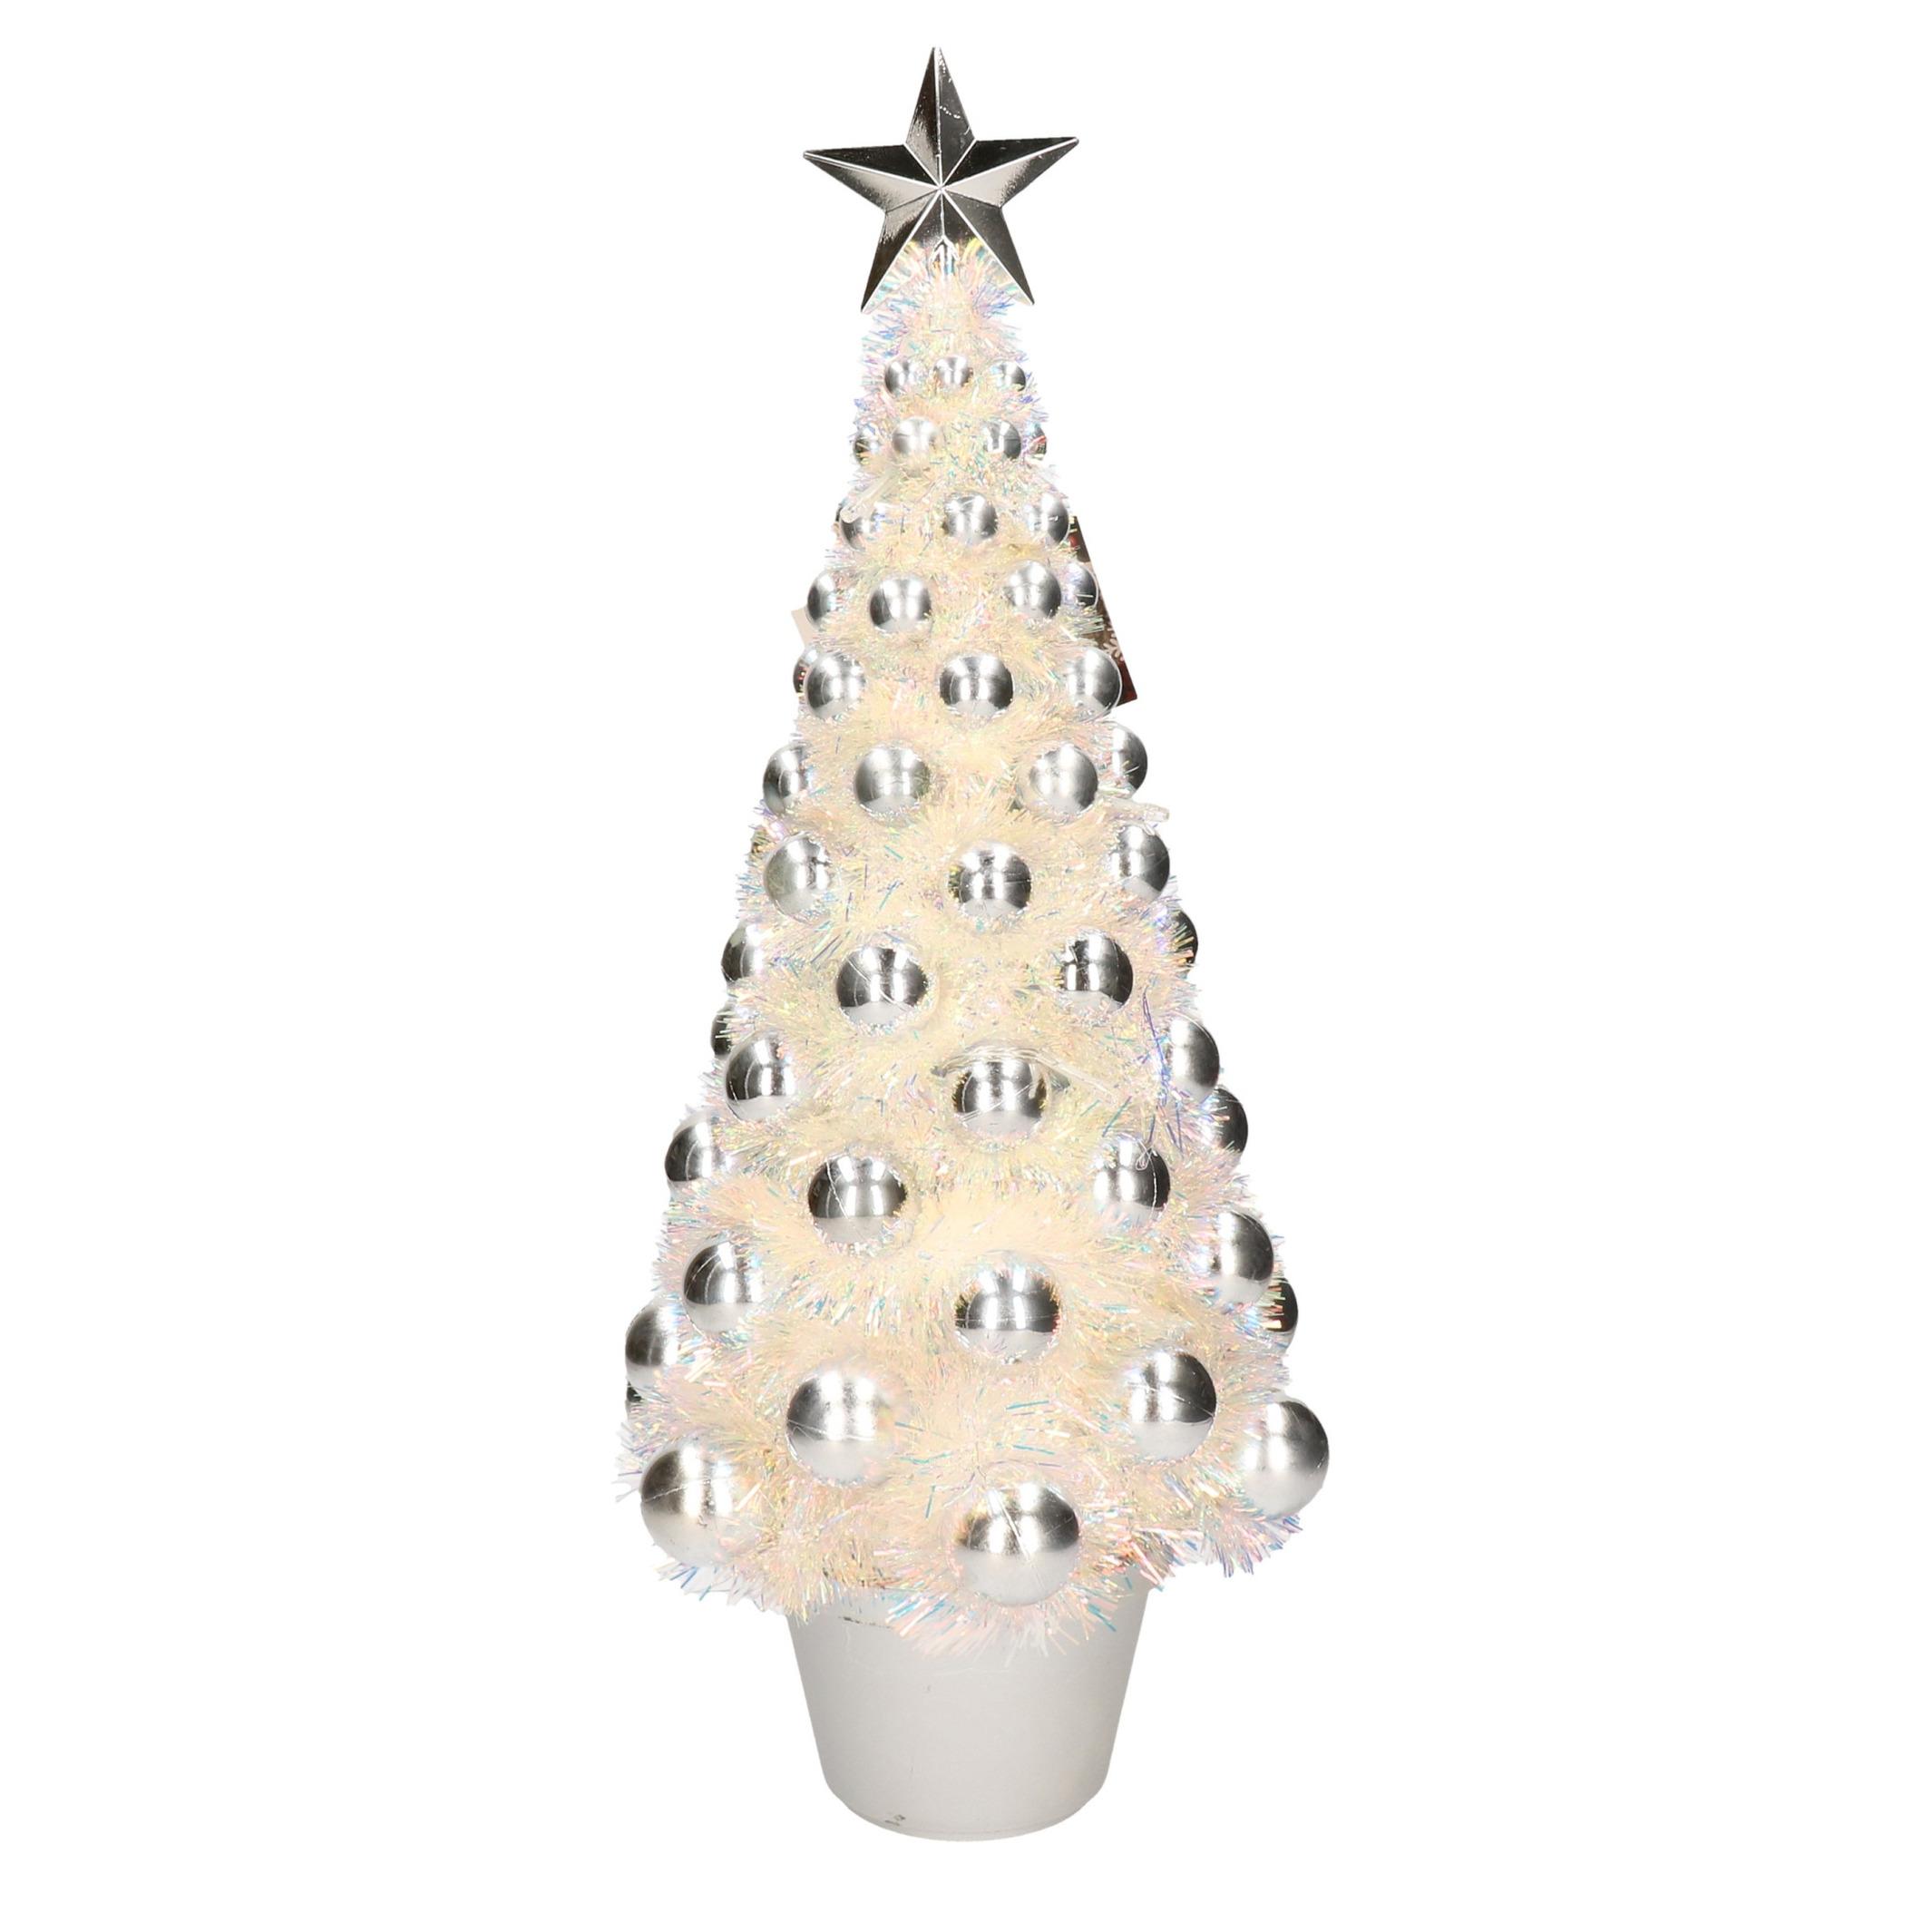 Complete mini kunst kerstboom-kunstboom zilver met lichtjes 50 cm